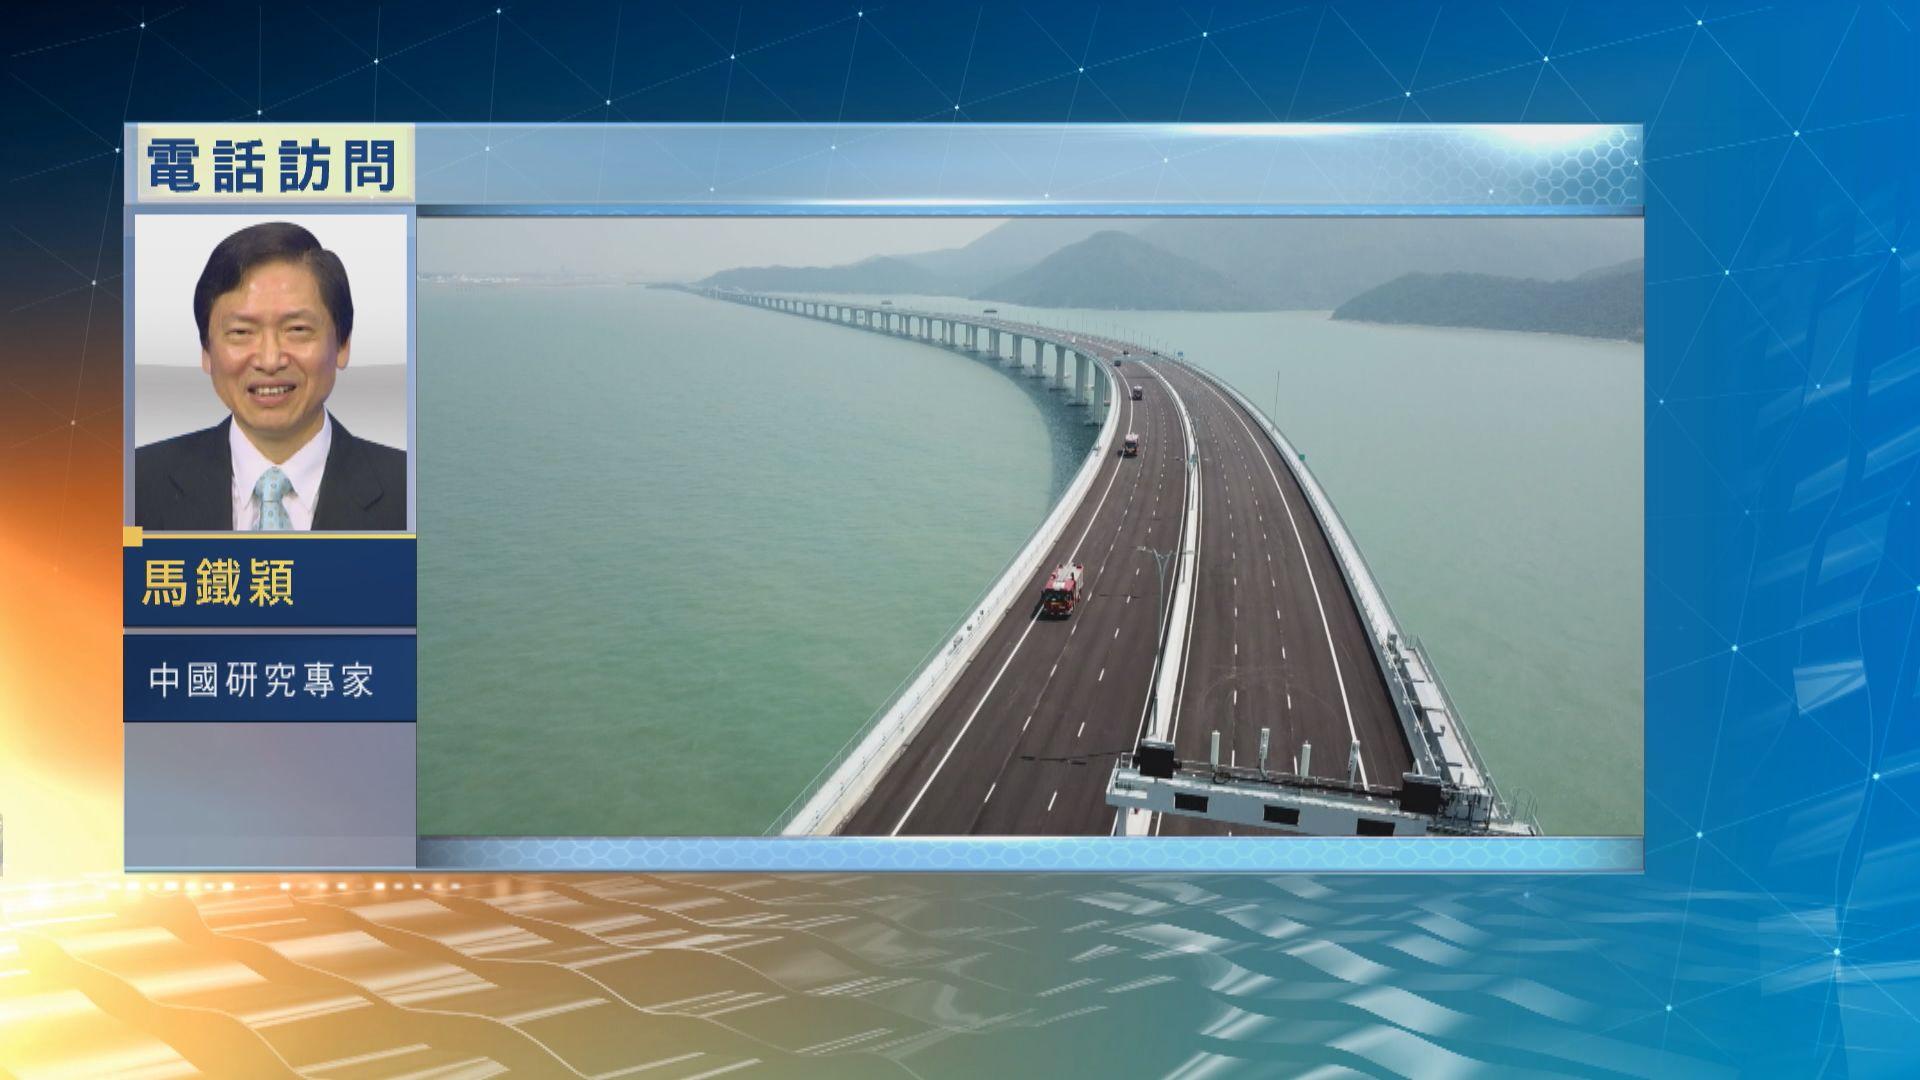 【中國評論】港珠澳大橋下周通車